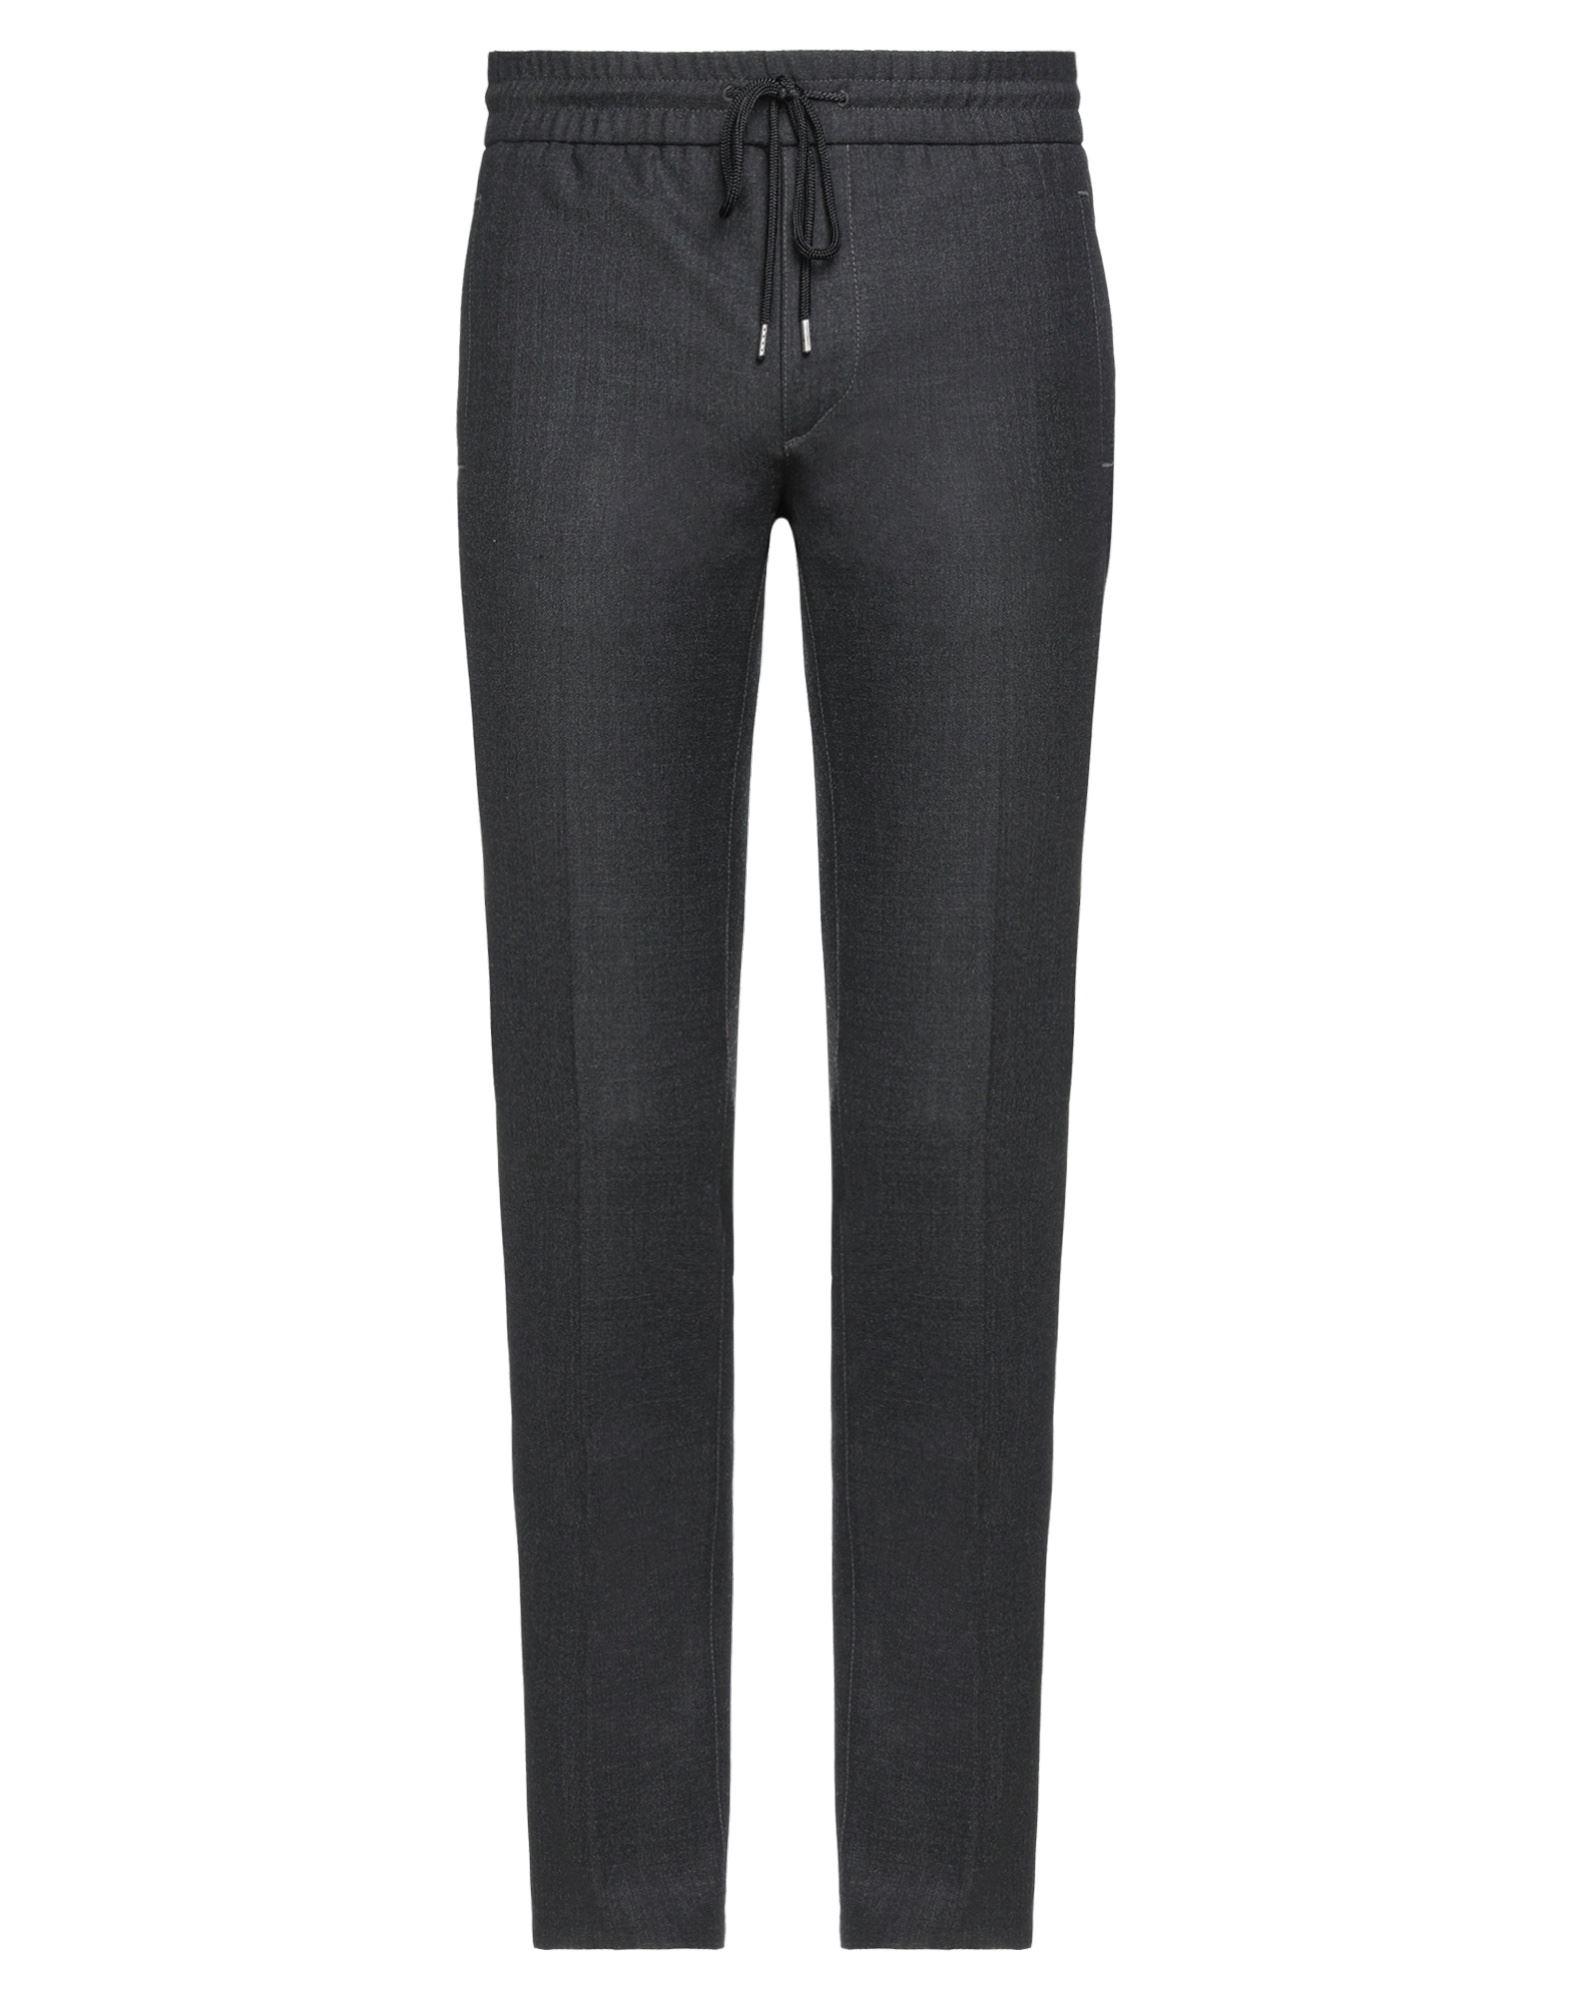 《セール開催中》WOOLRICH メンズ パンツ ブラック L ポリエステル 53% / バージンウール 43% / ポリウレタン 4%